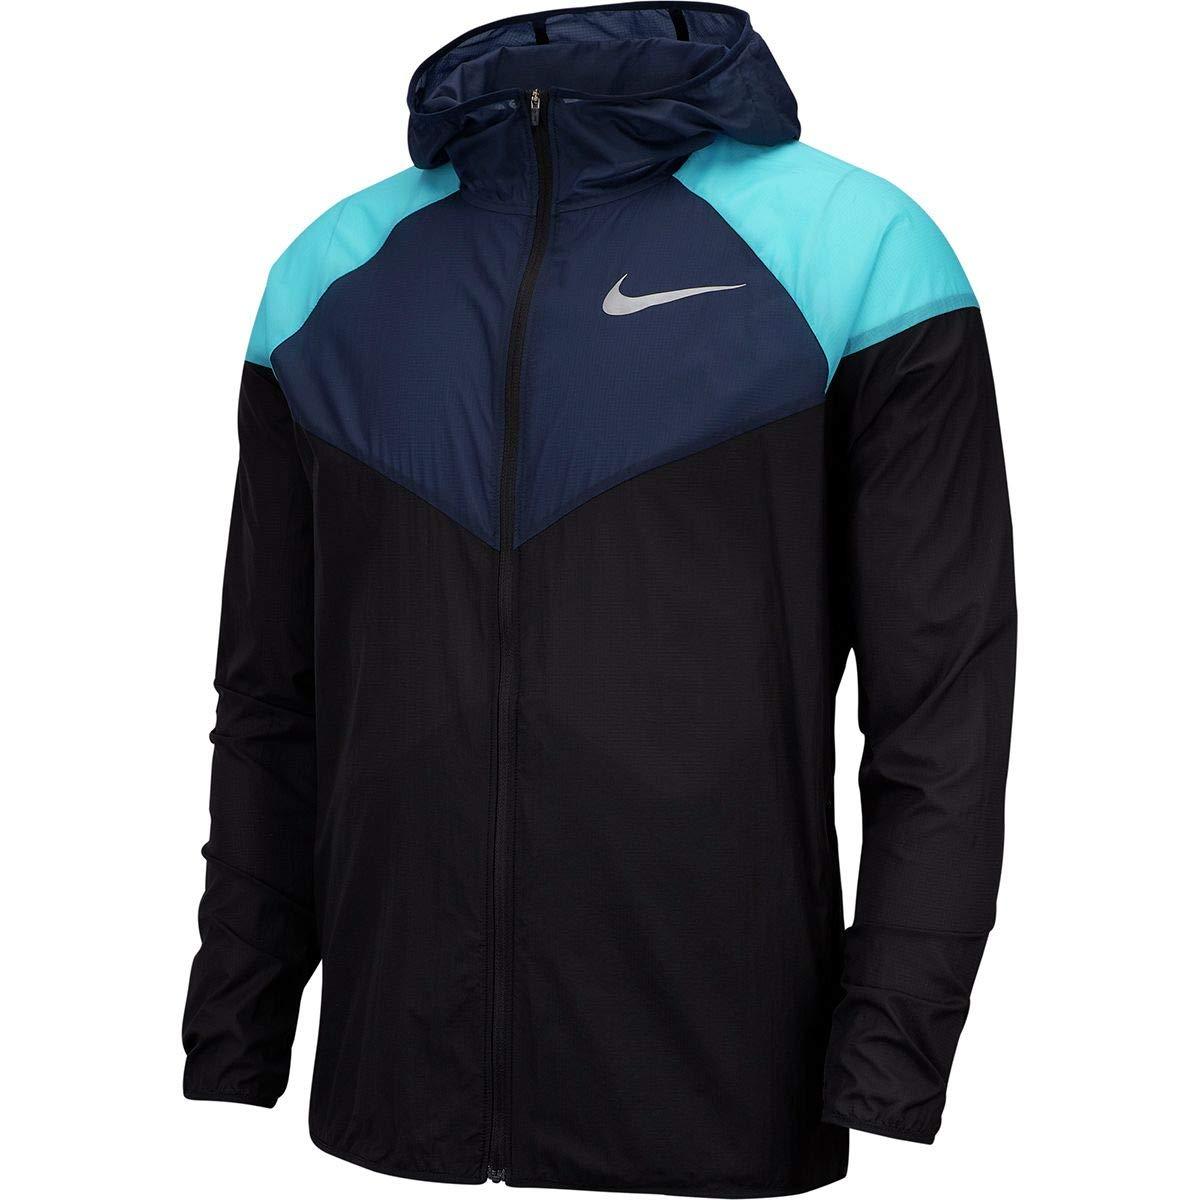 [ナイキ] メンズ [並行輸入品] ジャケット&ブルゾン Windrunner M Running Jacket [並行輸入品] B07P1S5L85 Jacket M, 日本実効商品センター:f8e0545f --- ero-shop-kupidon.ru